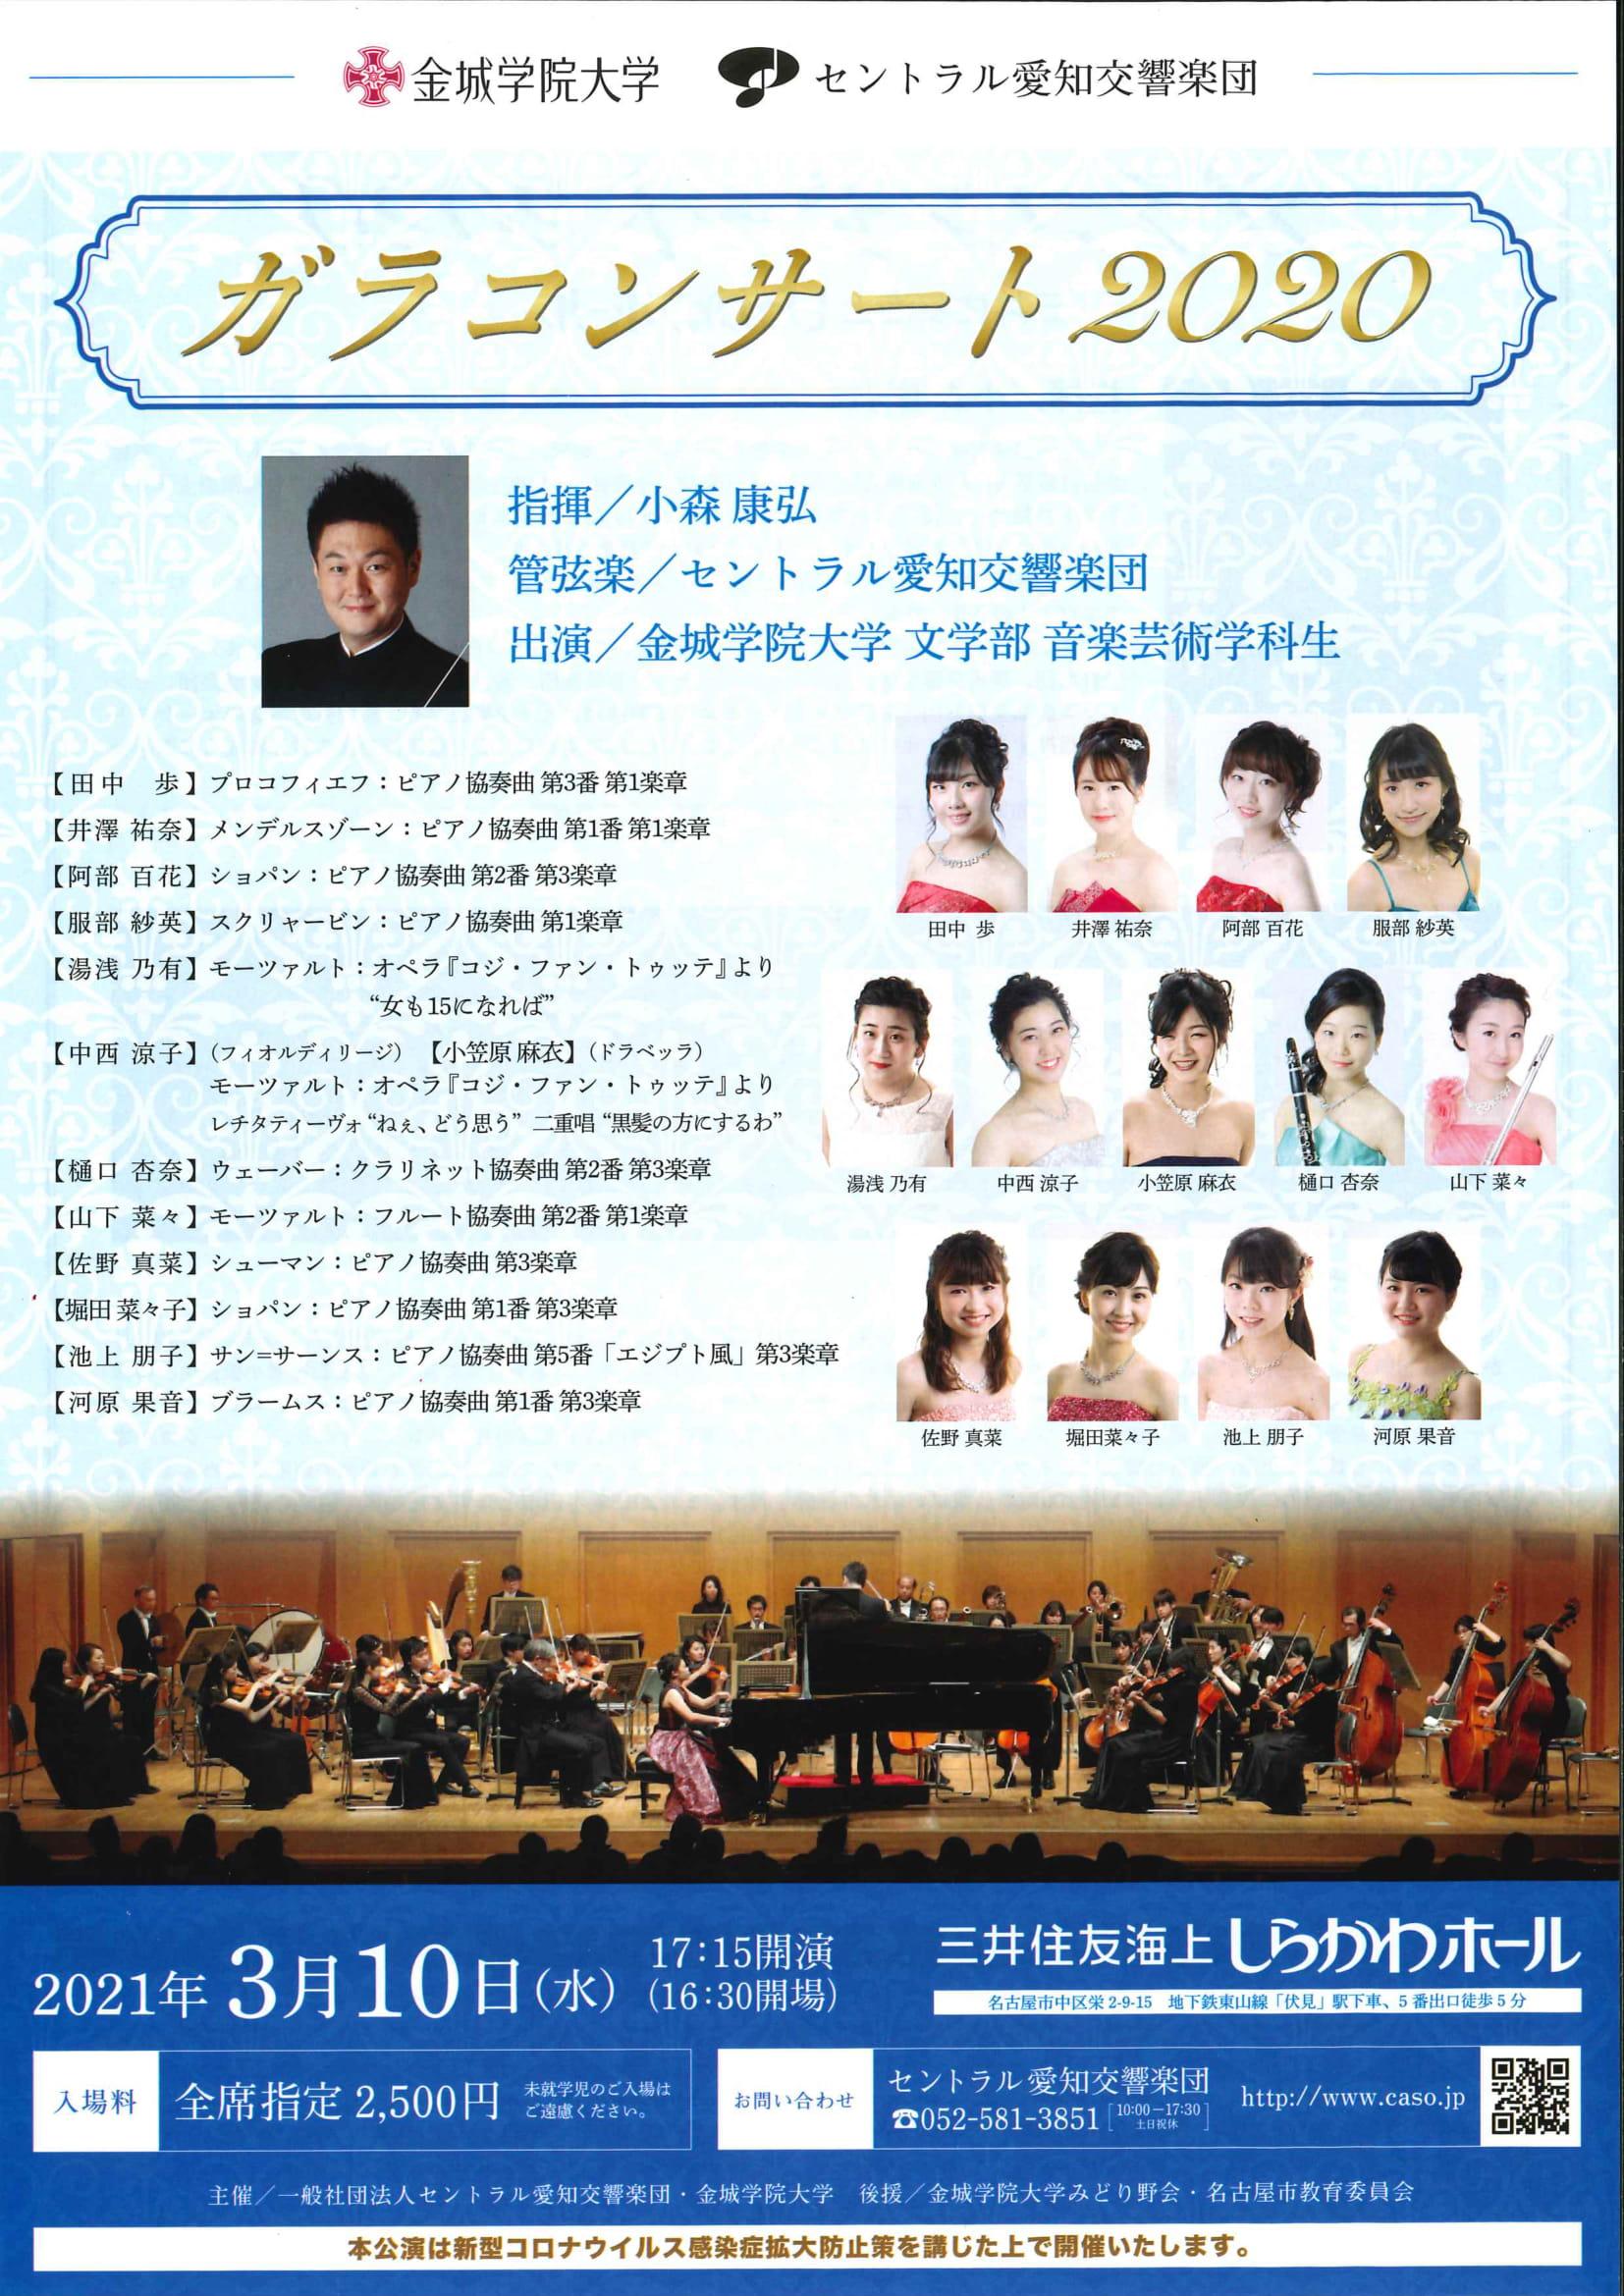 金城学院大学・セントラル愛知交響楽団 ガラコンサート2020